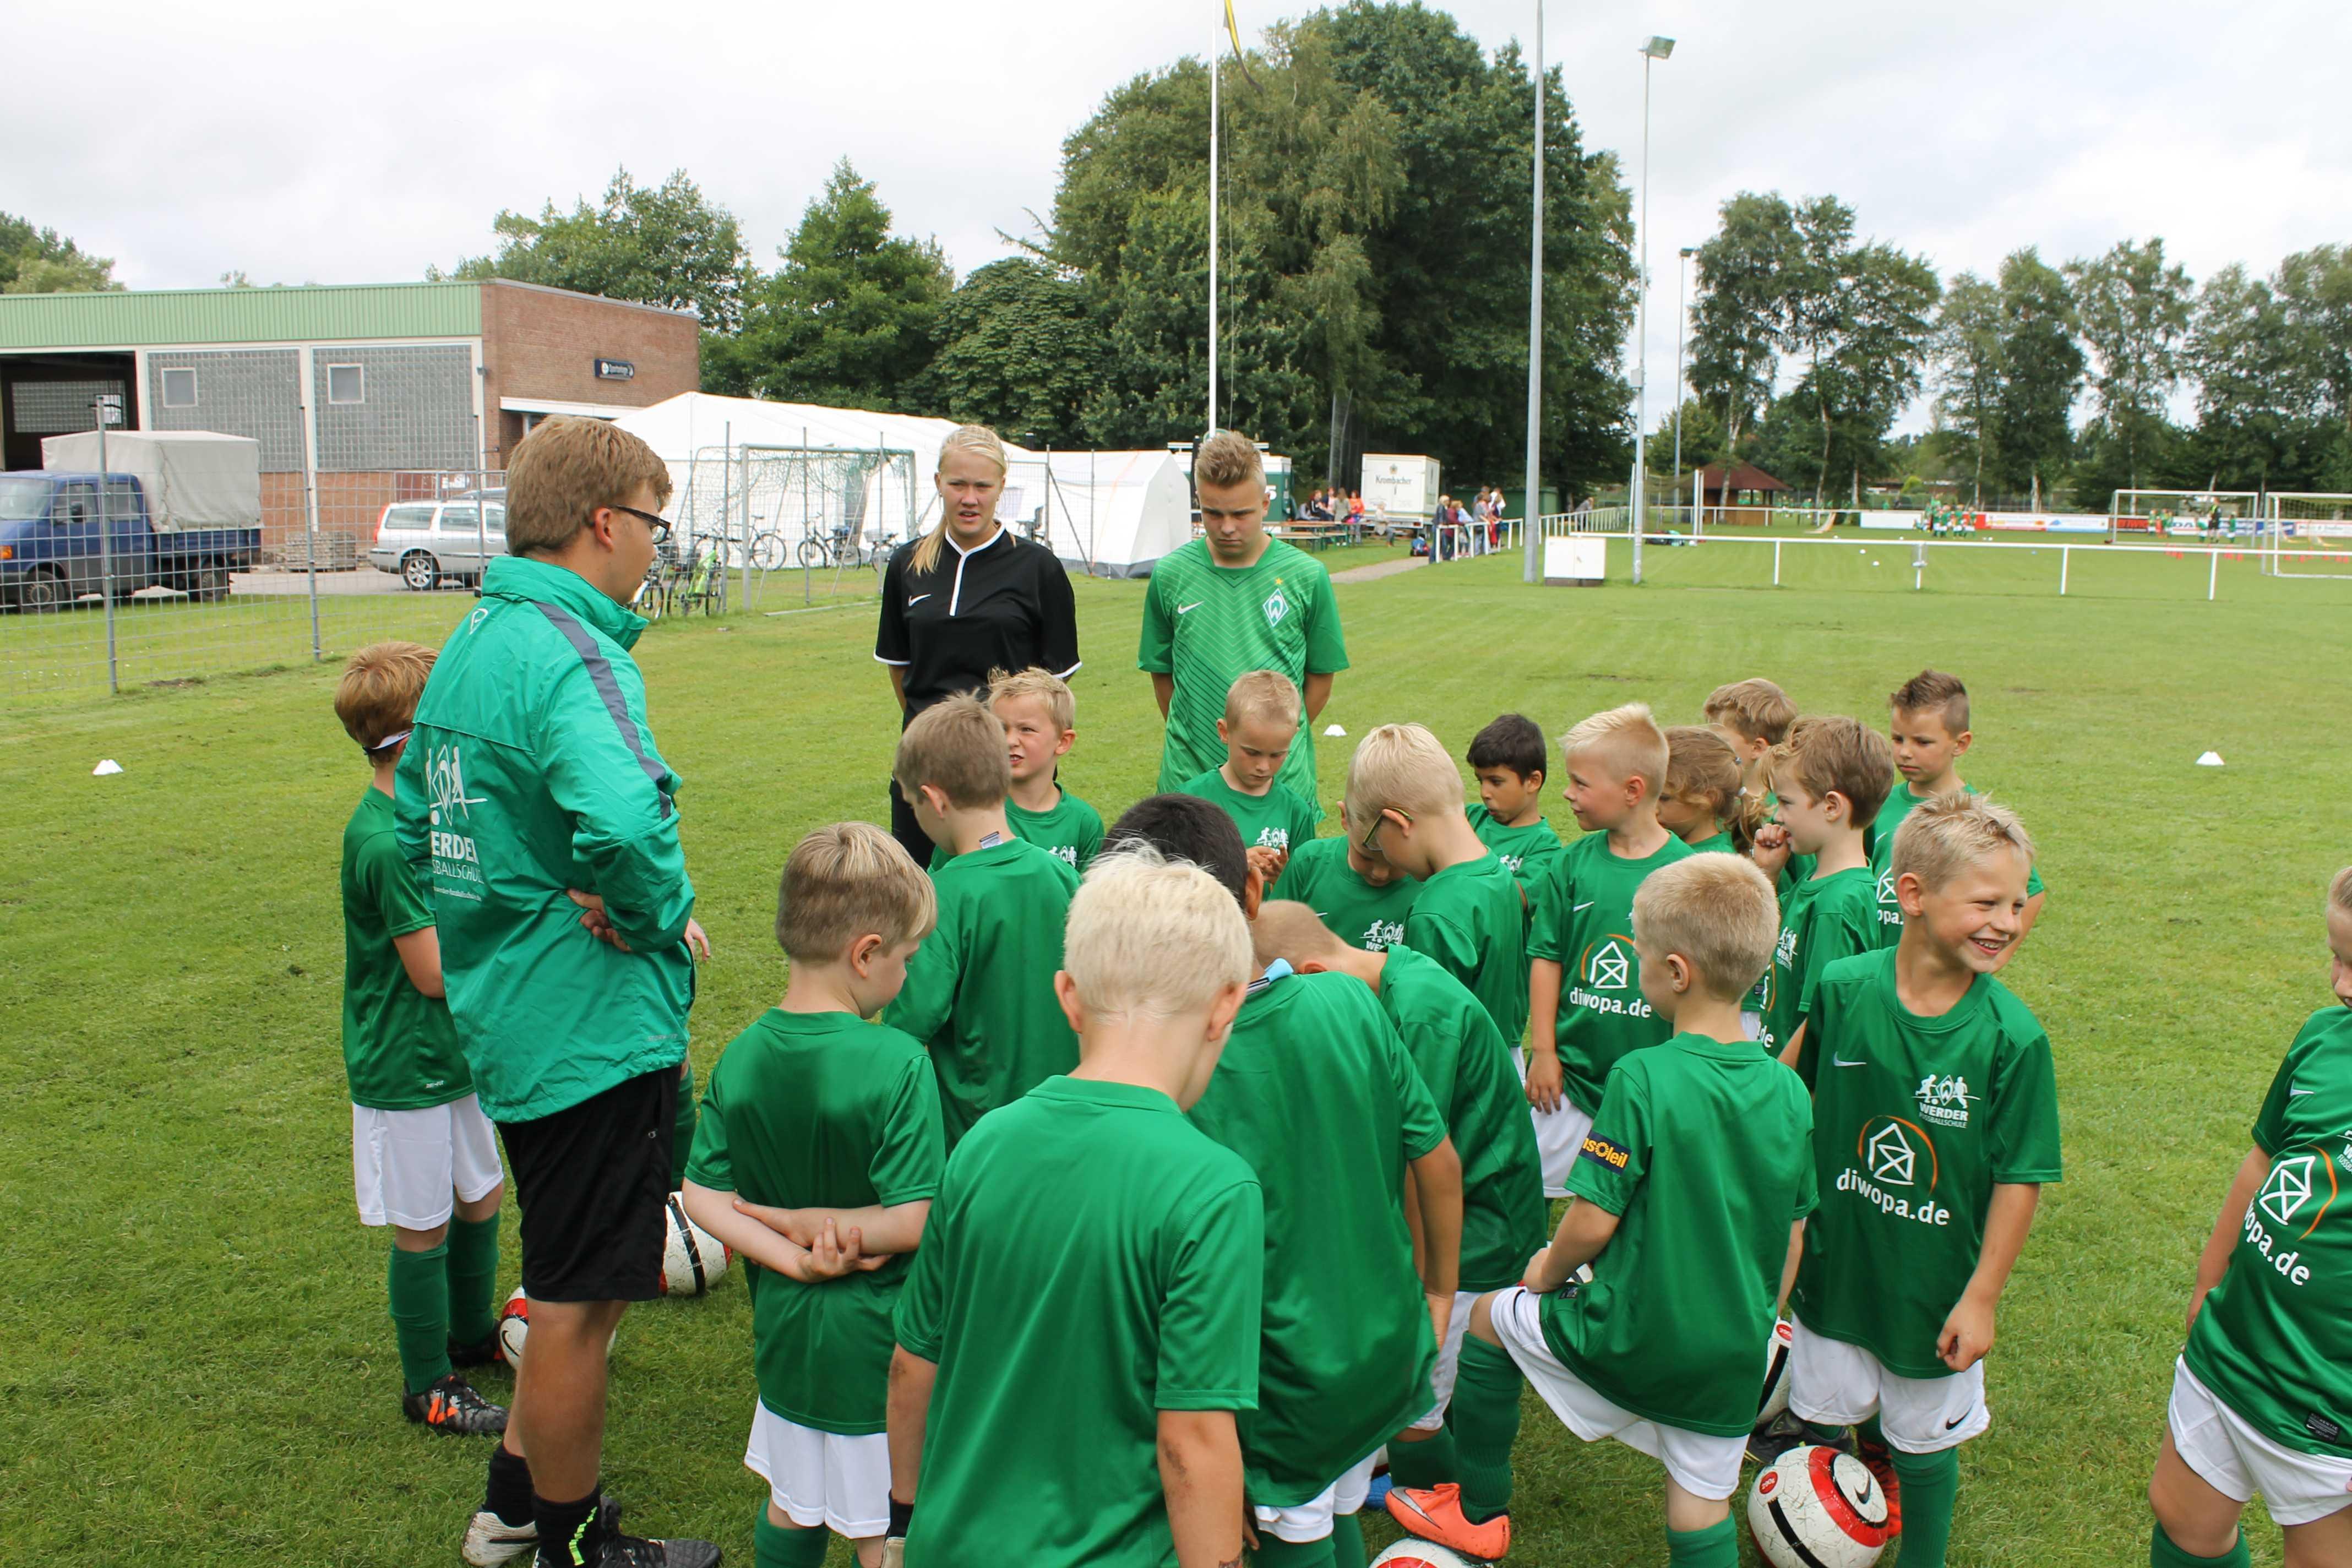 2016-08-12 Werder CAMPontour - Freitag (30)